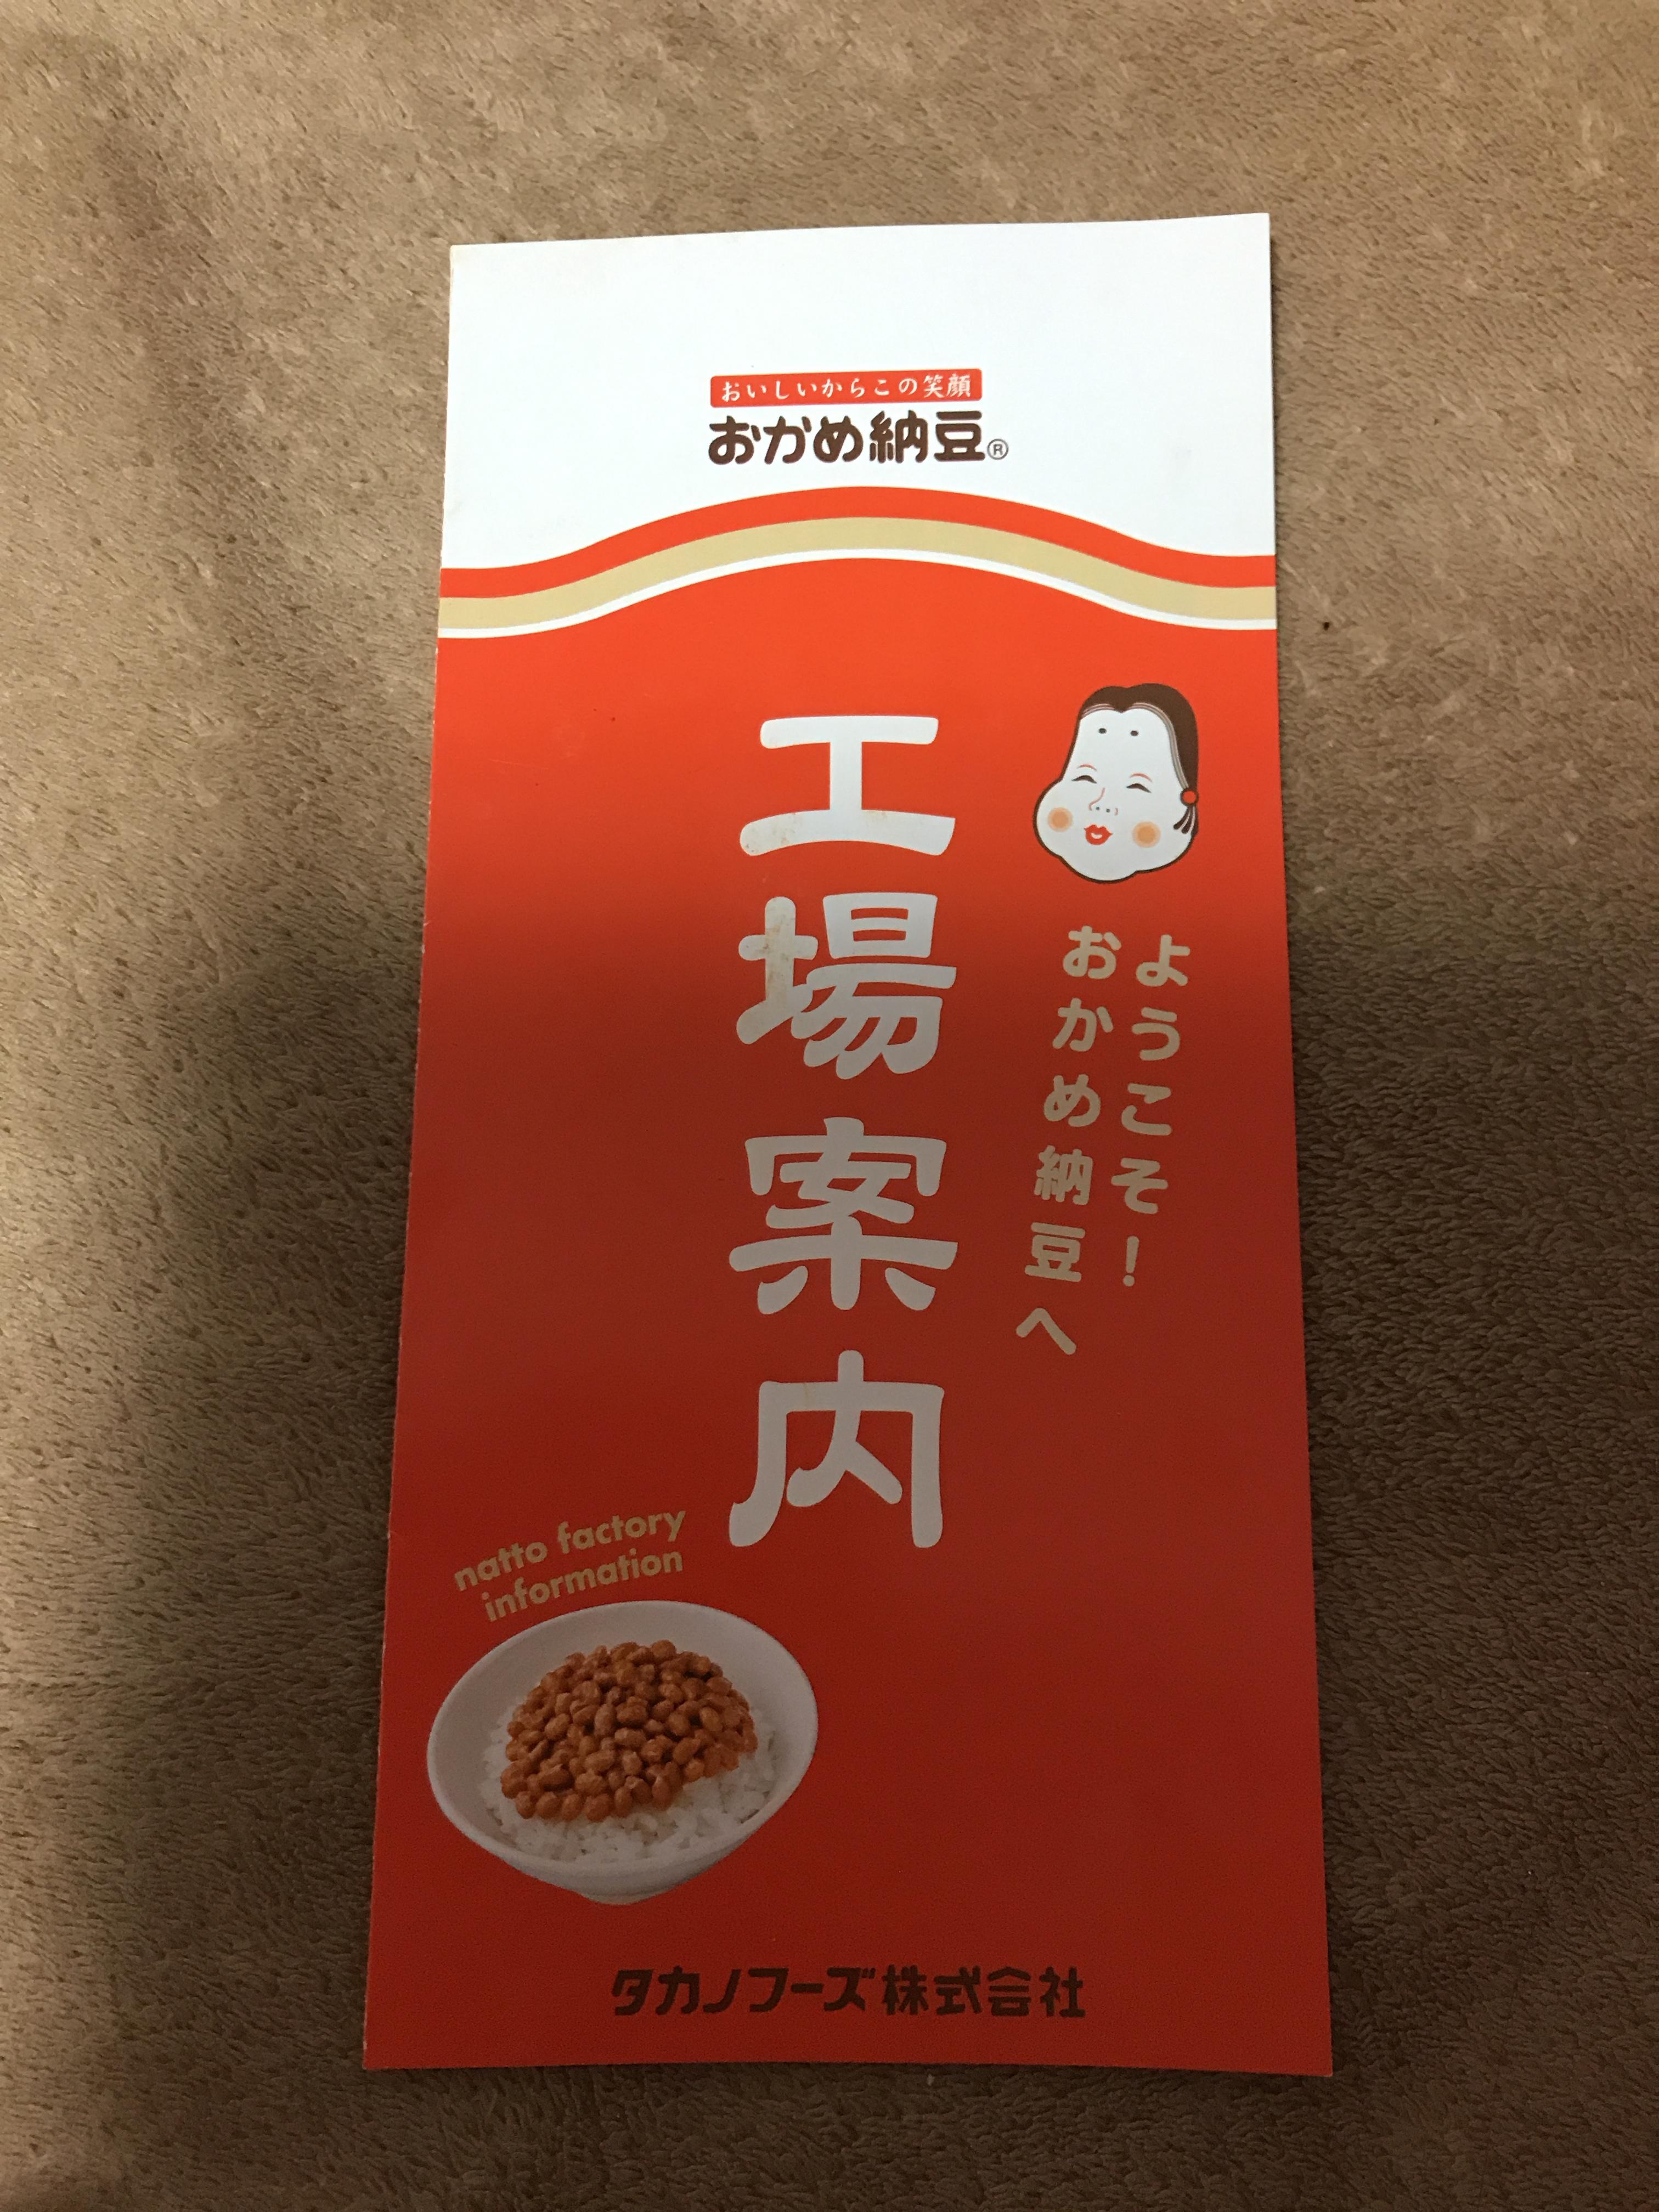 納豆菌はすごい!タカノフーズのおかめ納豆工場見学★